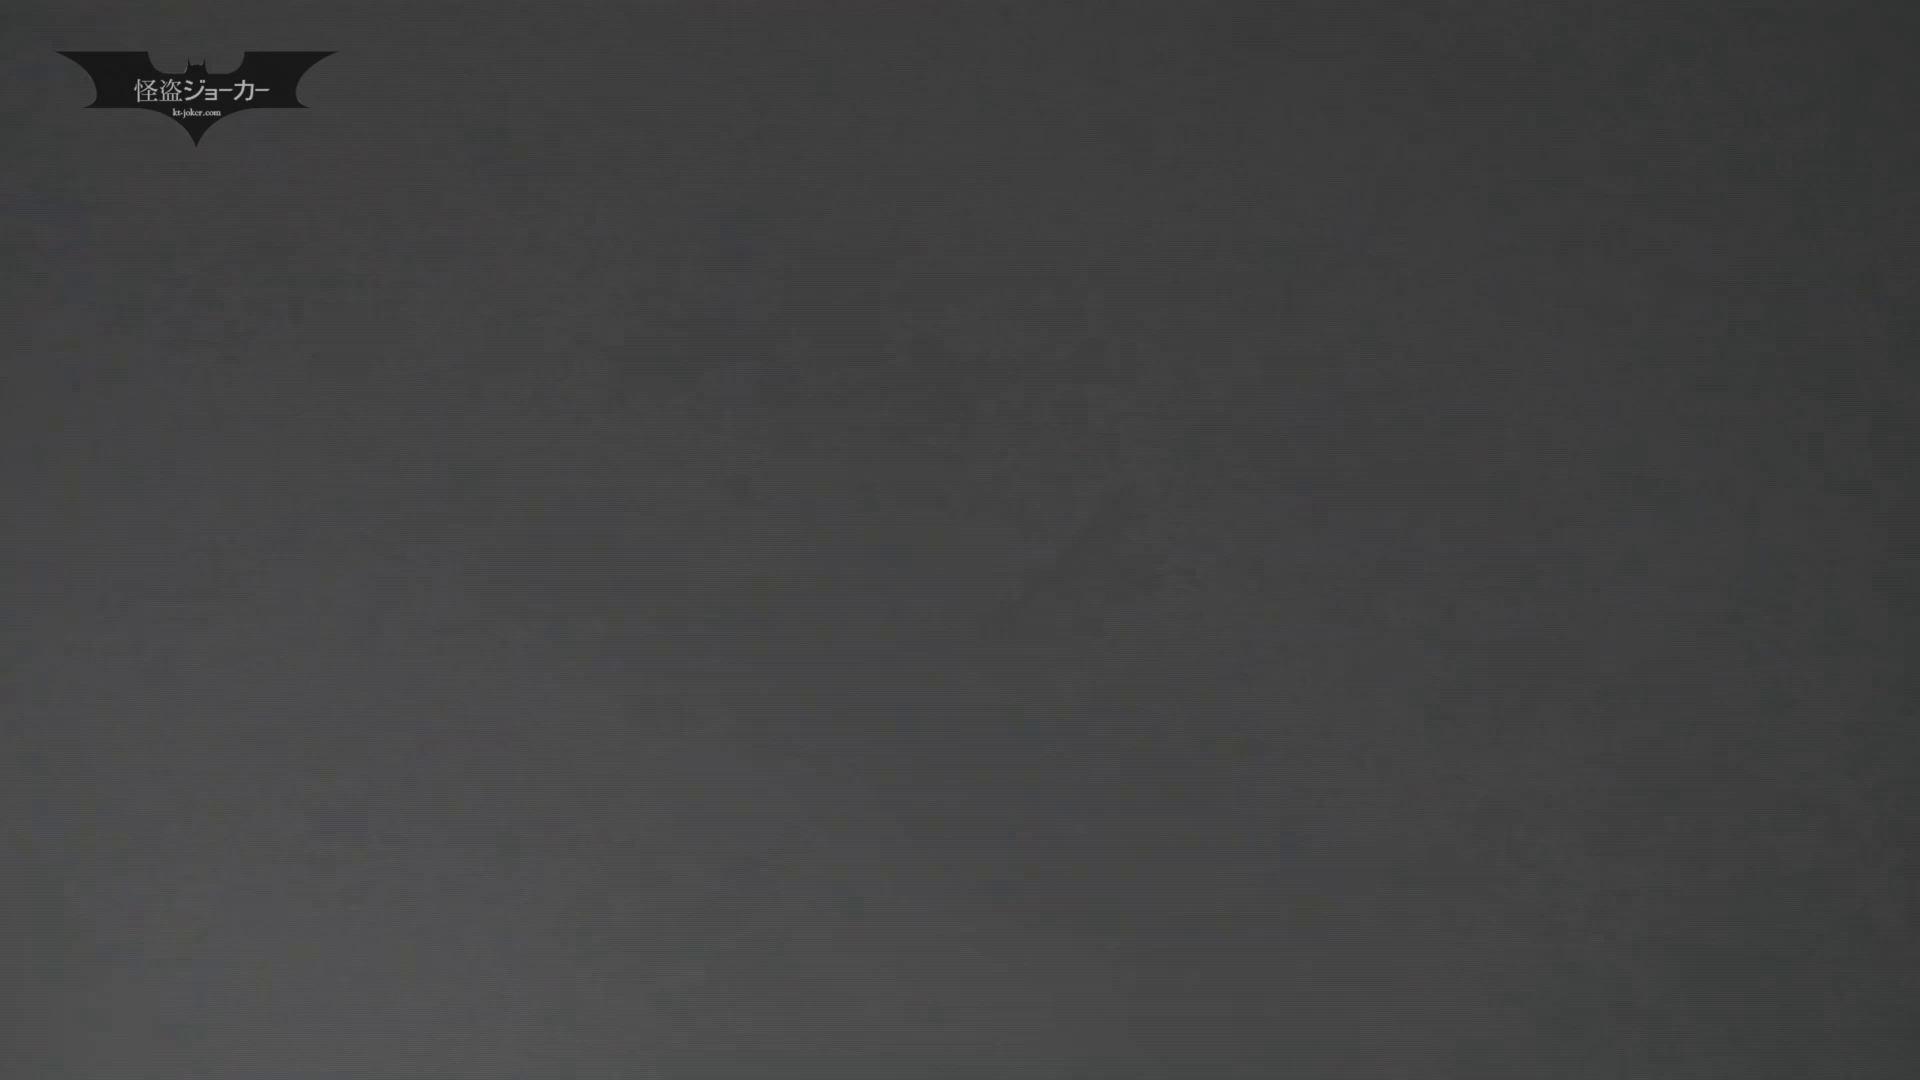 潜入!!台湾名門女学院 Vol.11 三尻同時狩り OLの実態 隠し撮りすけべAV動画紹介 87pic 10